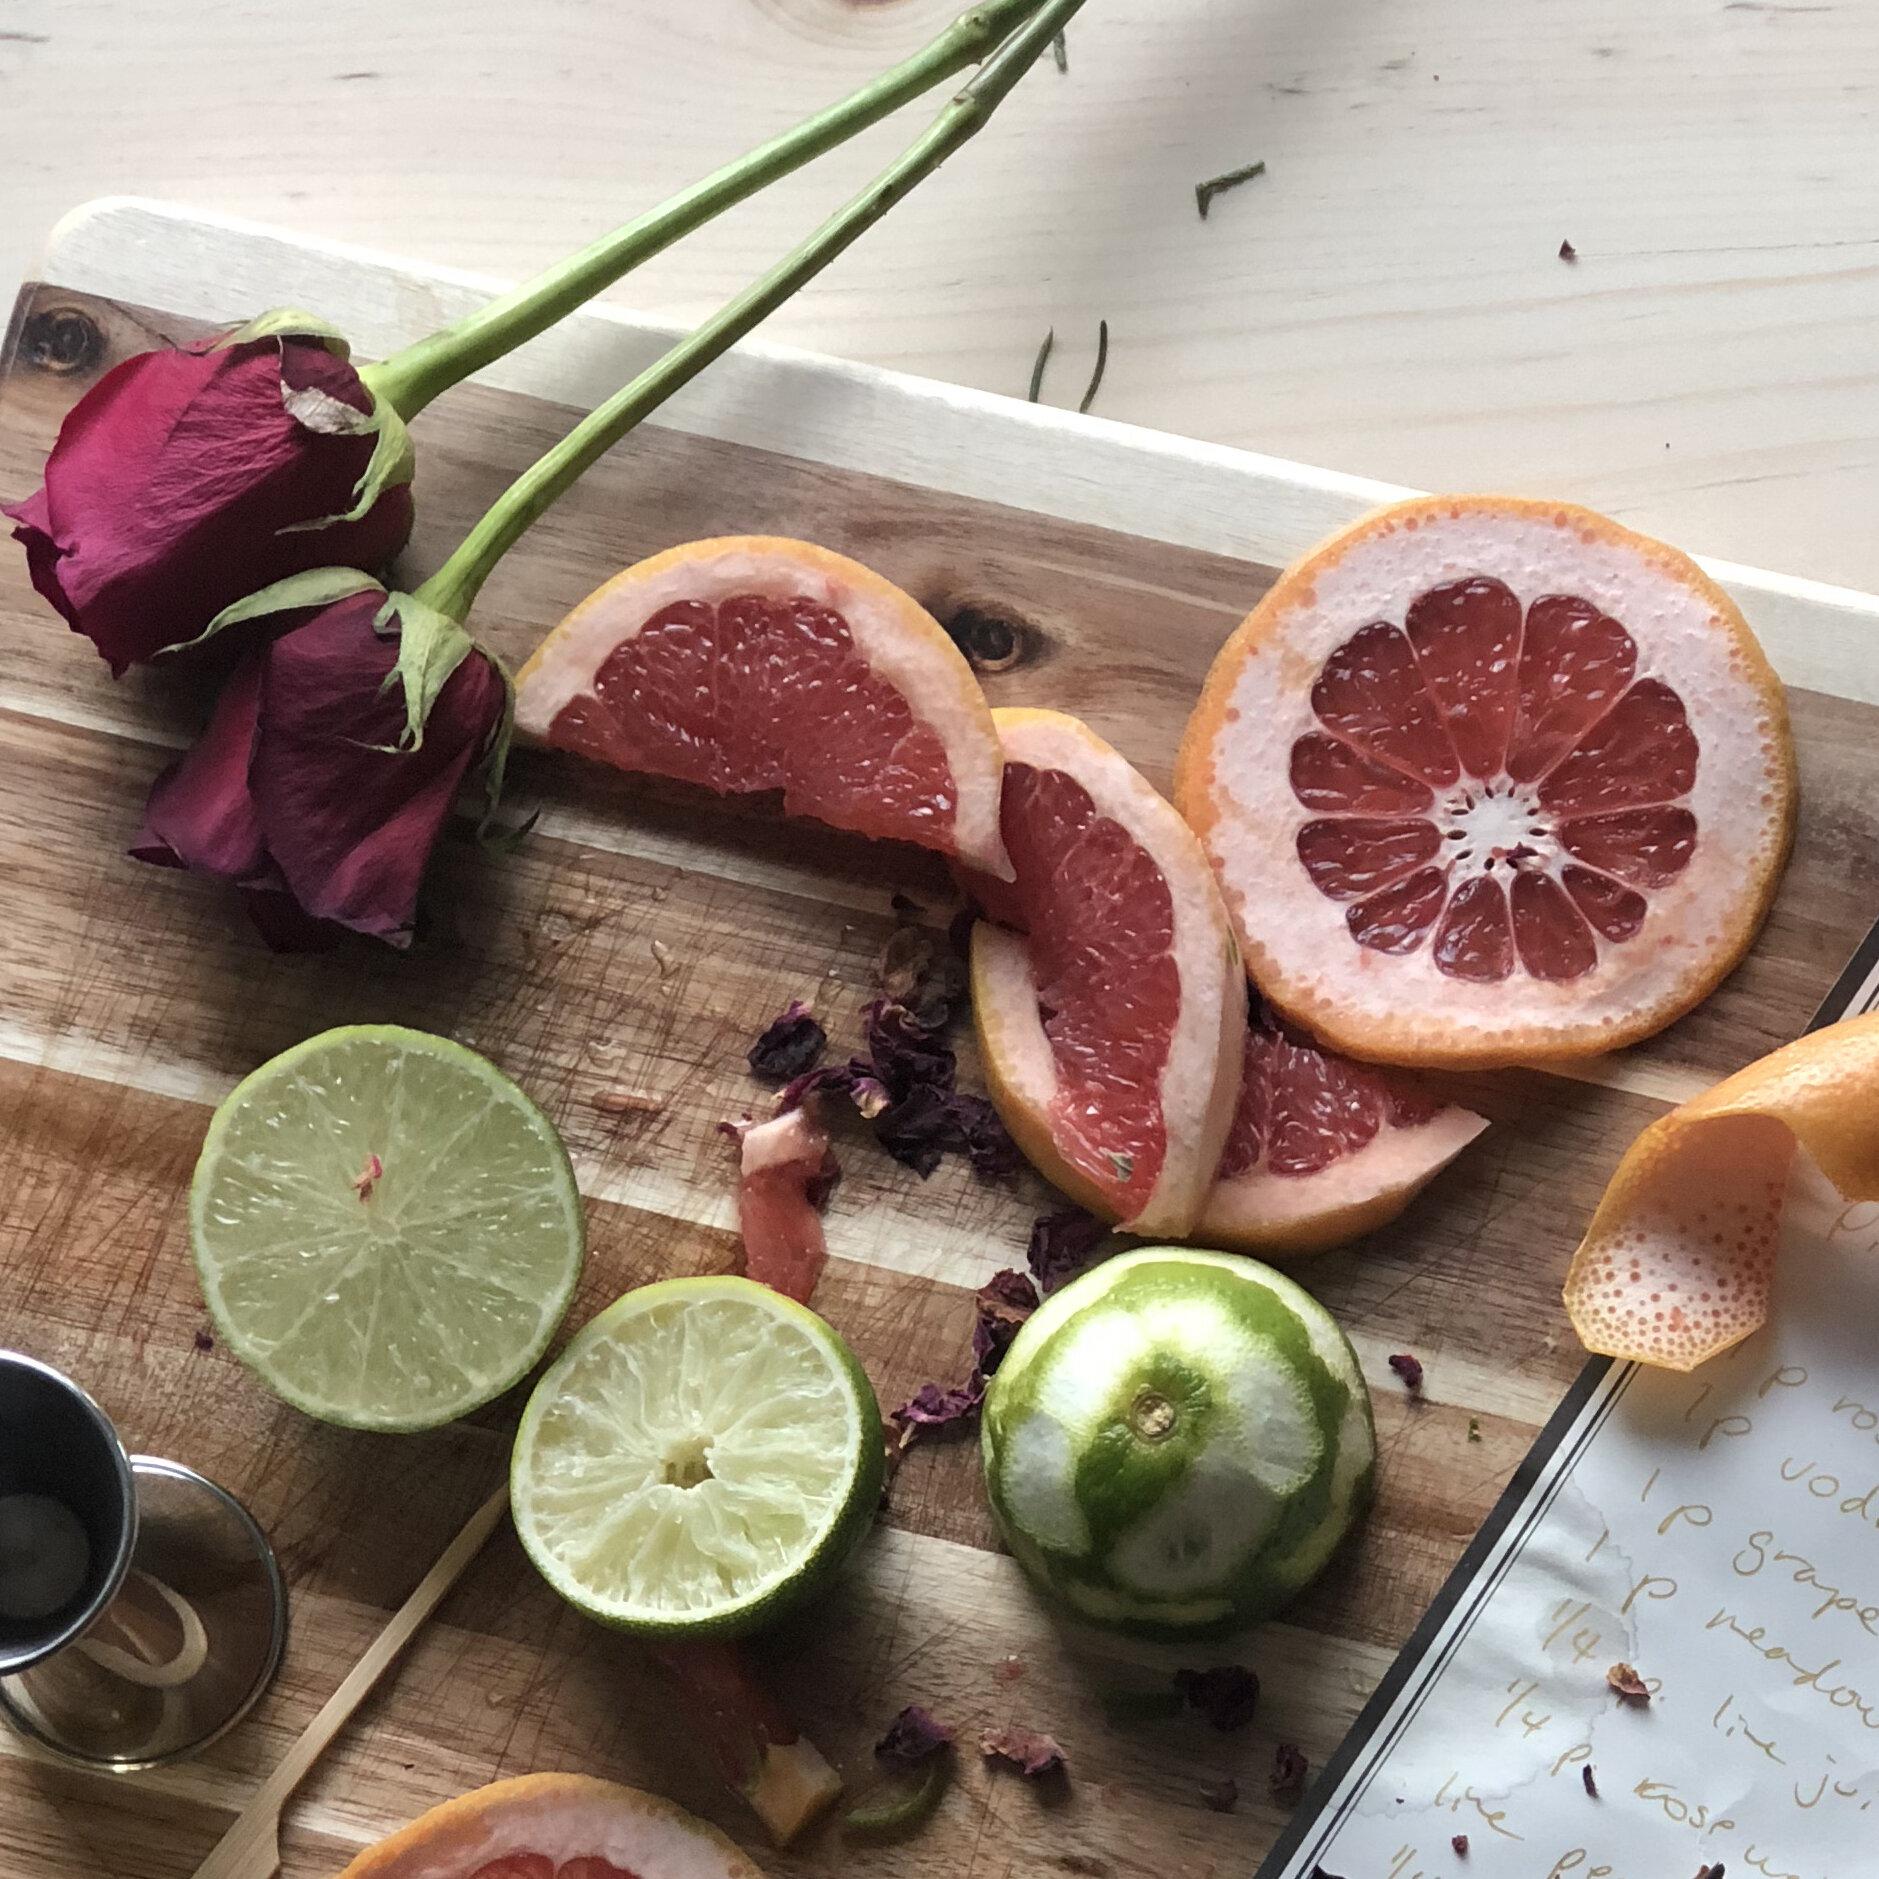 Recommended Pairings - Fruit, yoghurt, Earl Grey tea, pork, sweet herbs, citrus, and gin.